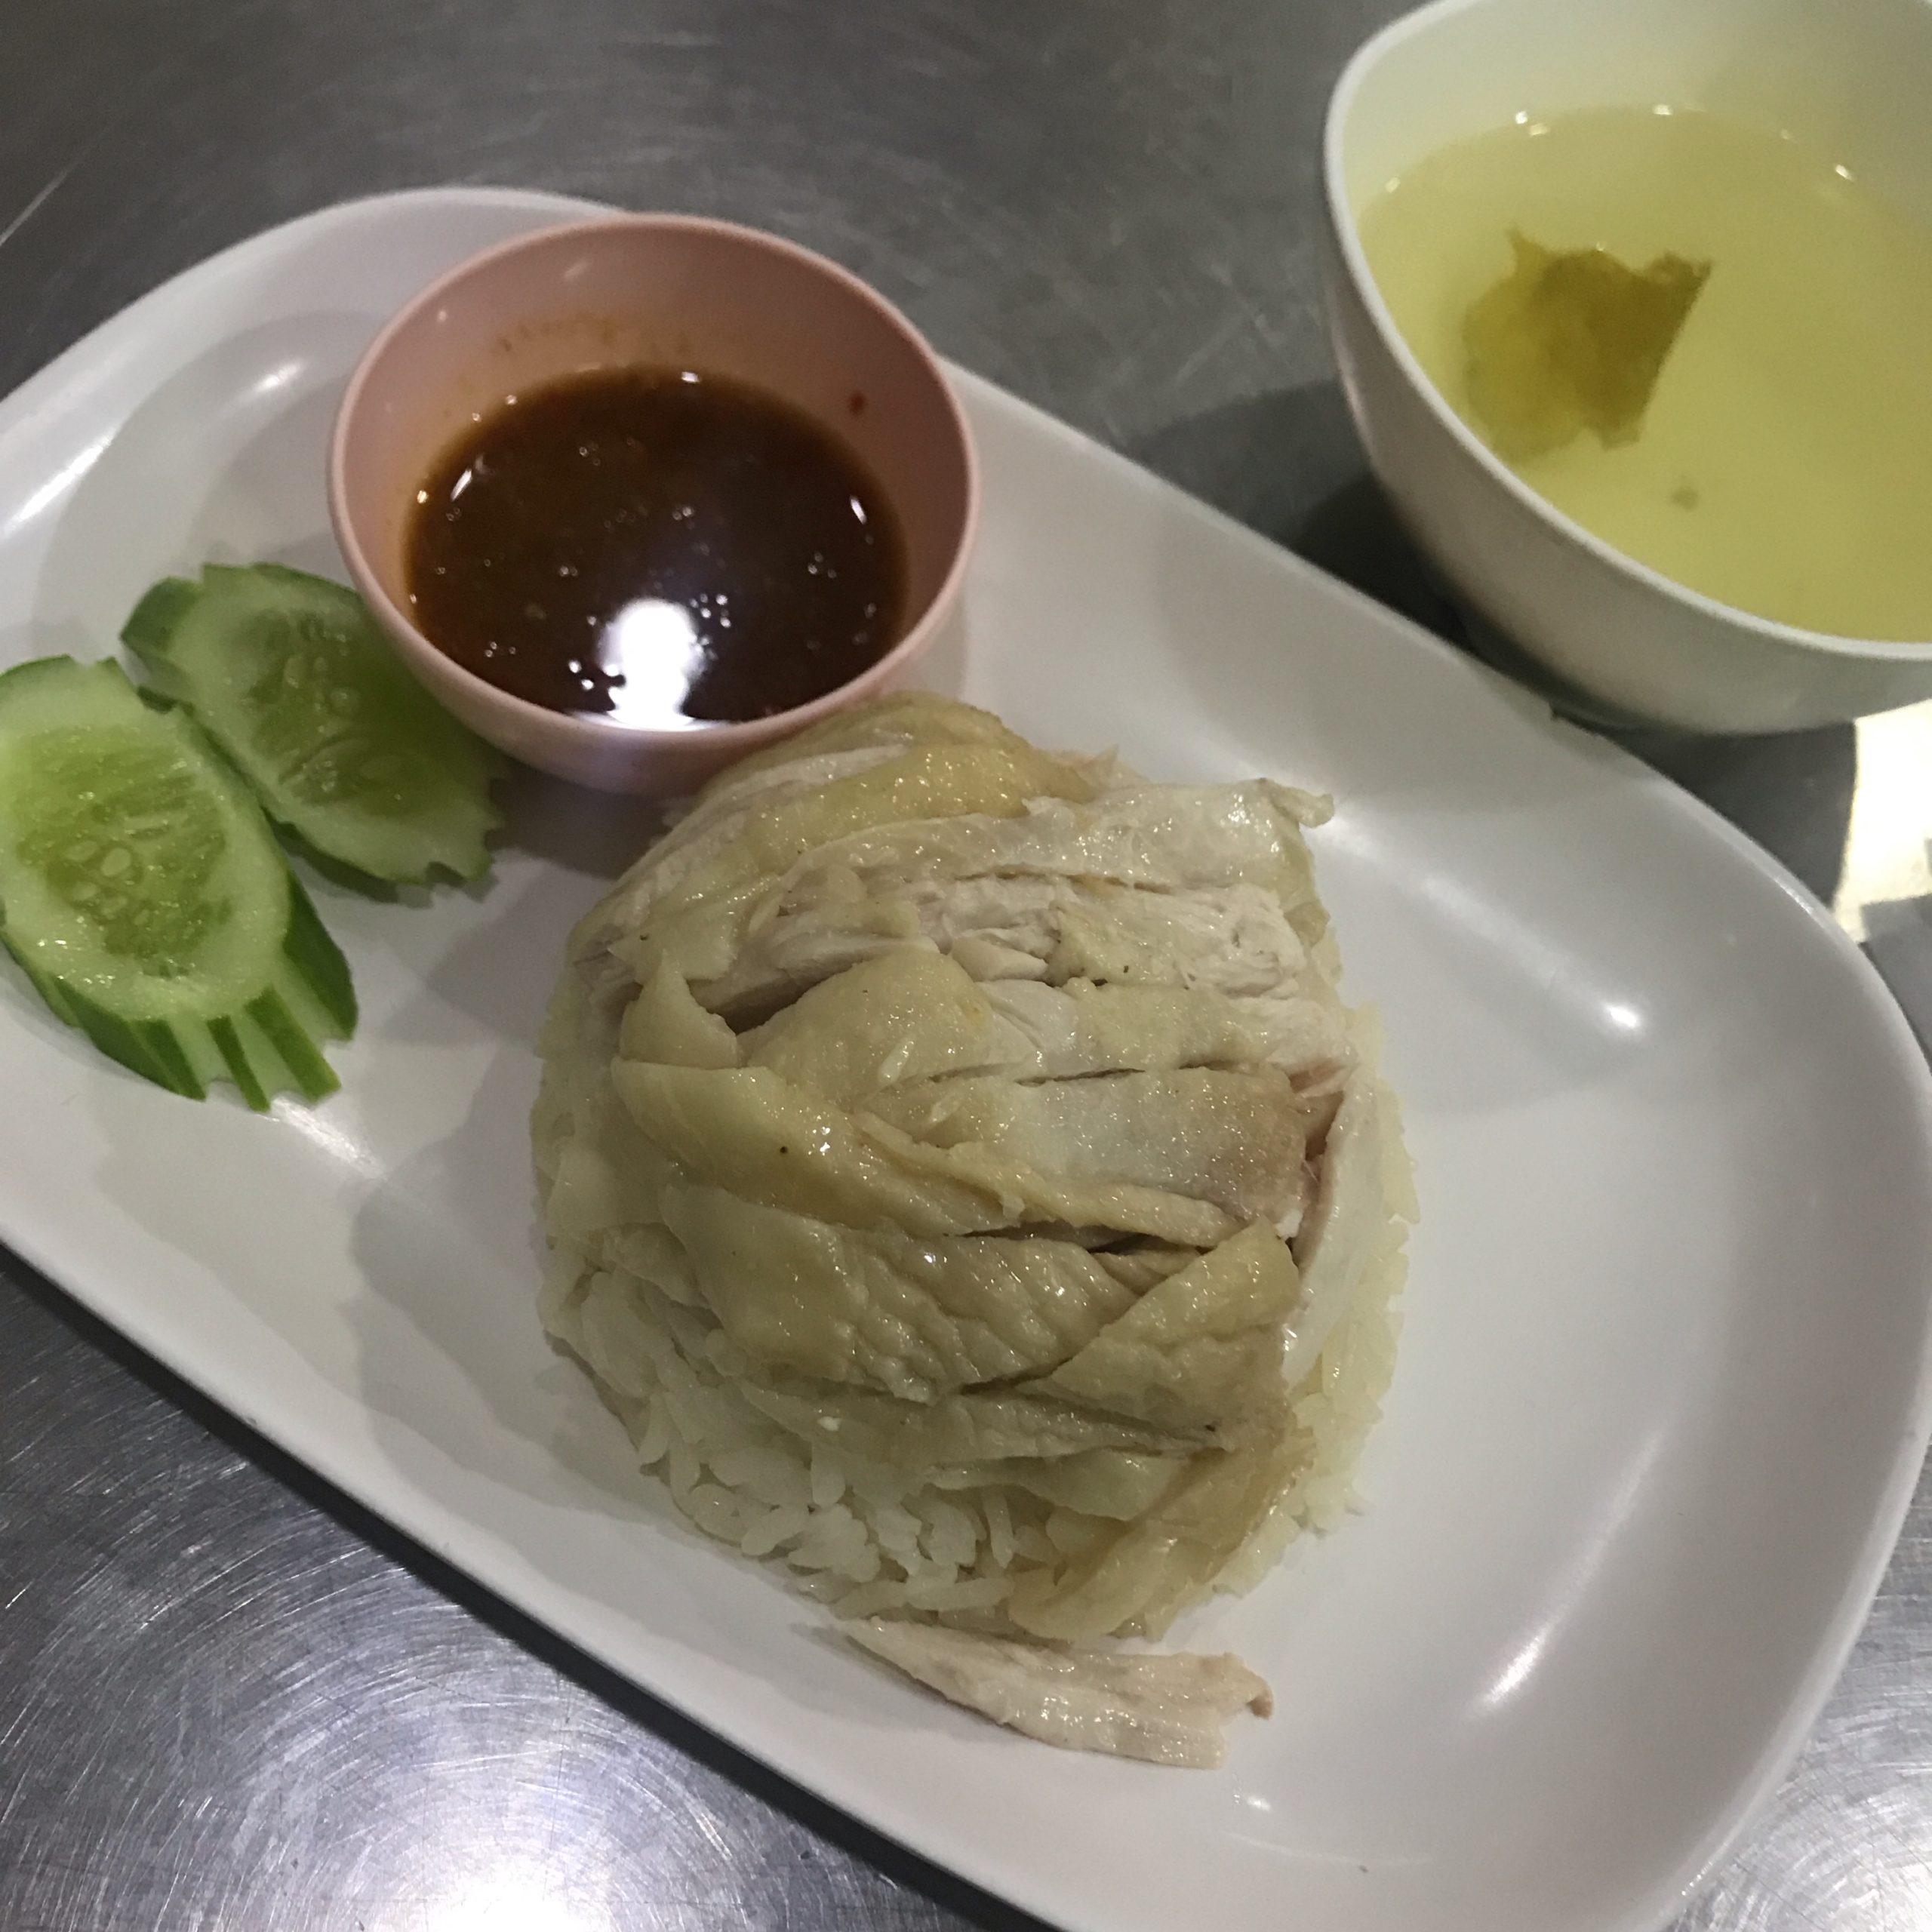 シーロムでカオマンガイを食べるならBTSサラデーン駅から徒歩1分の「ギンヘン」!